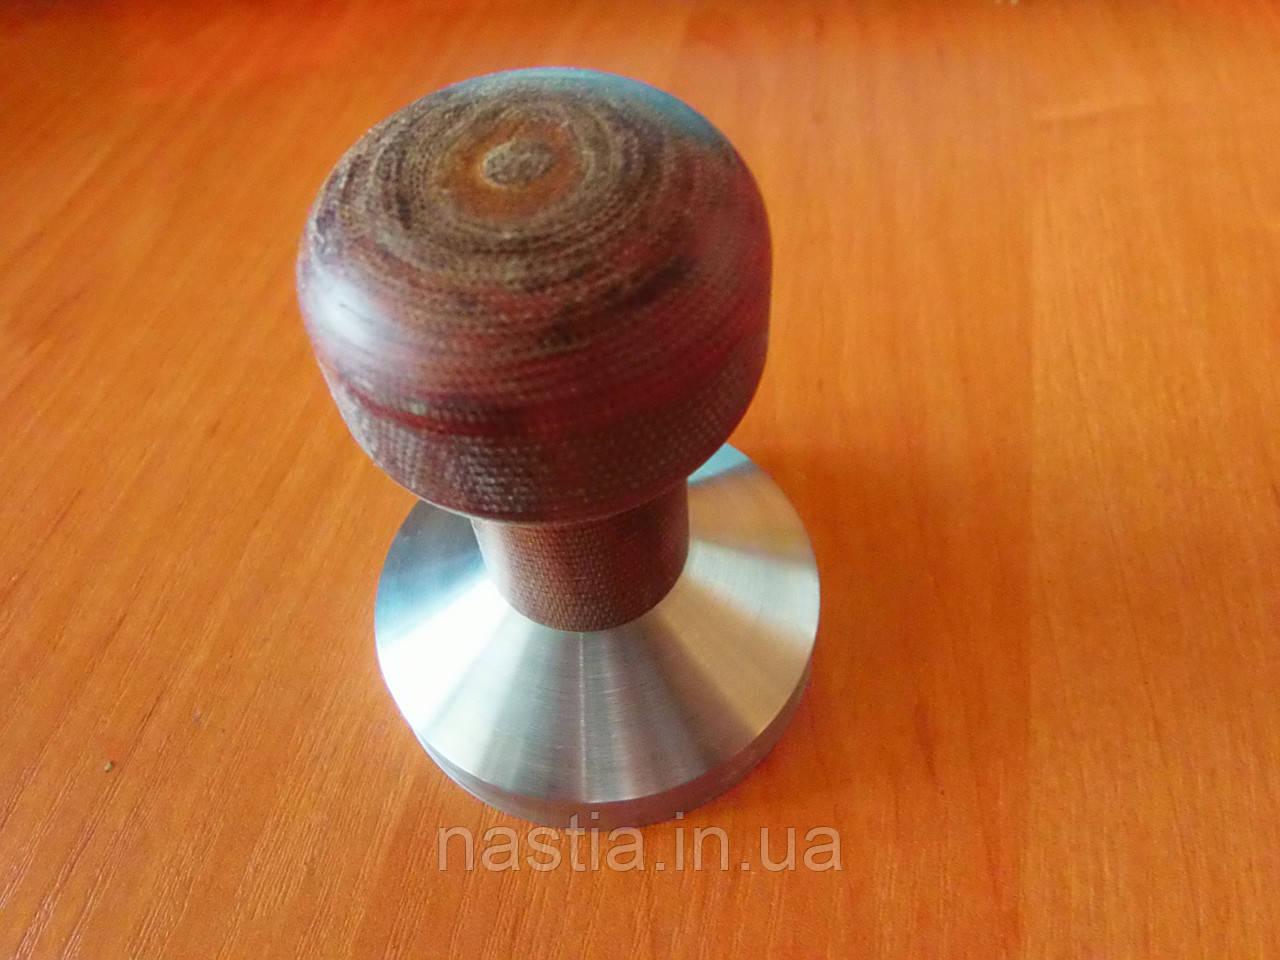 Темпер стальной с деревянной ручкой 54 мм